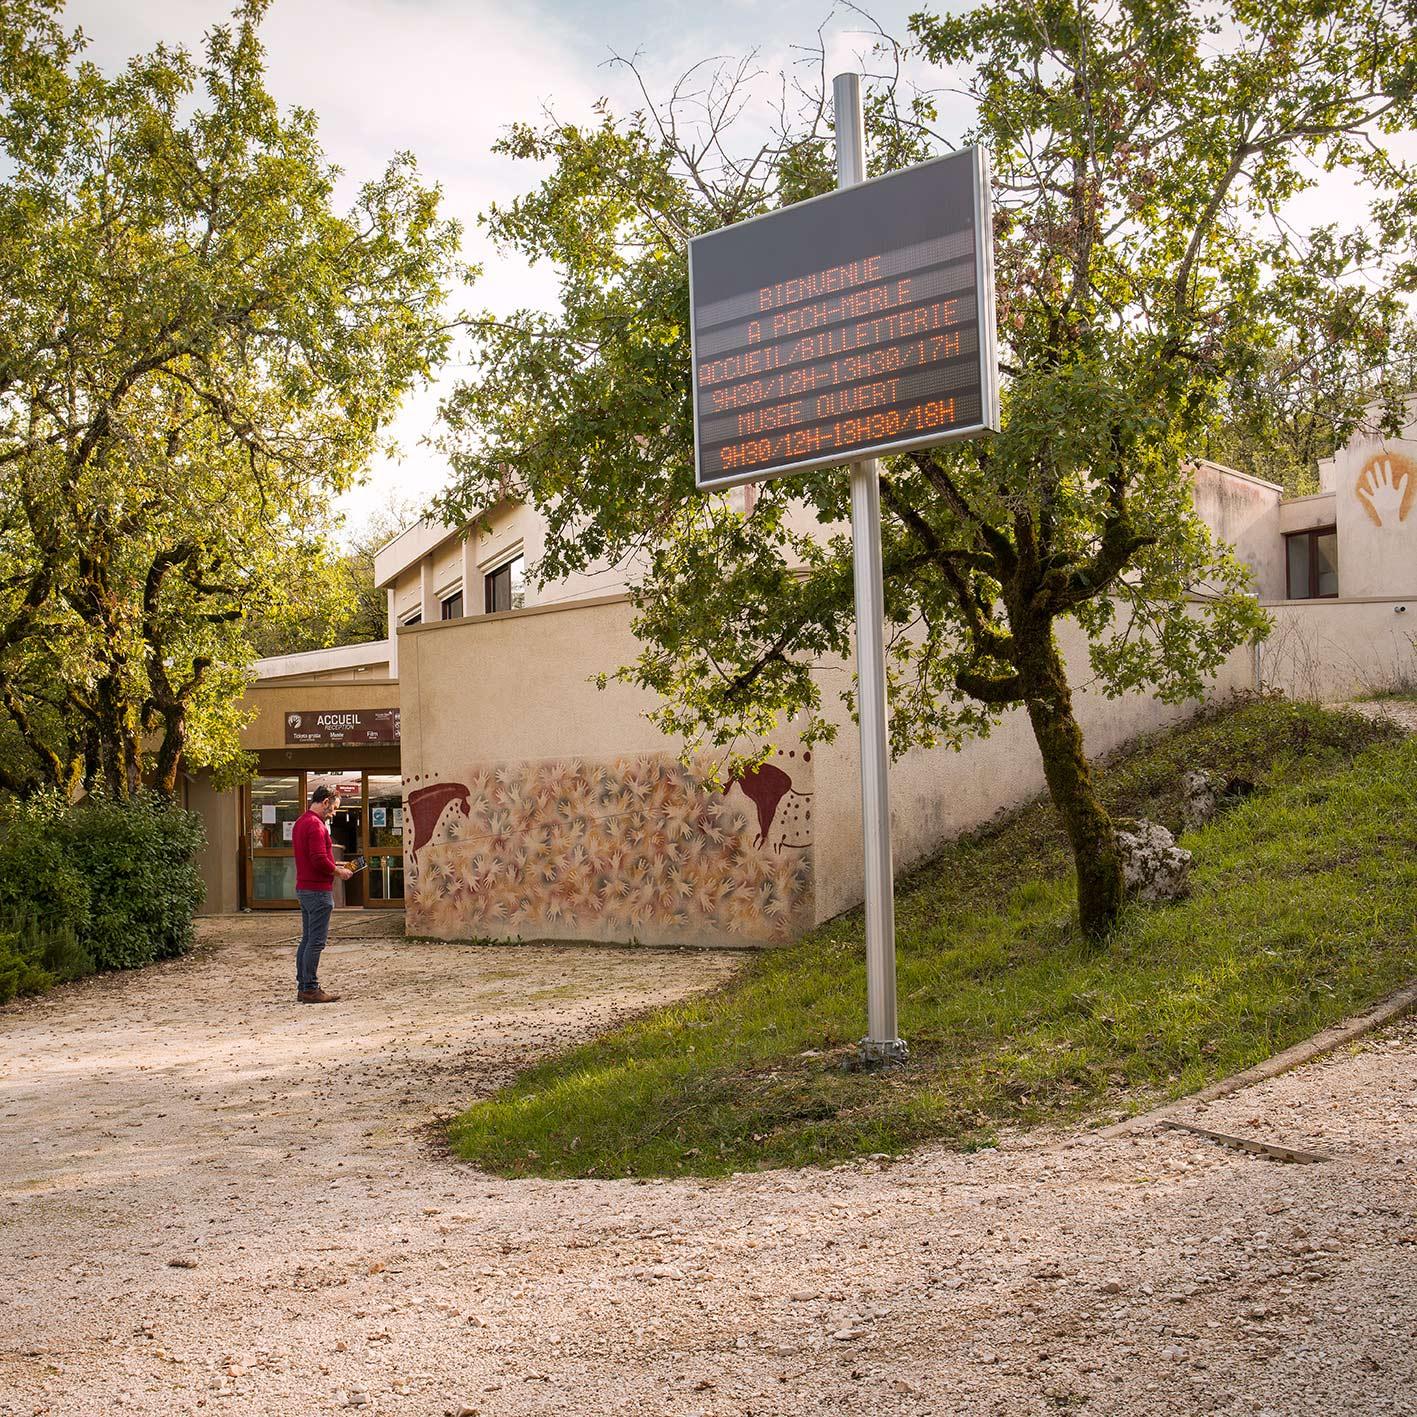 Musée de Préhistoire du Pech-Merle